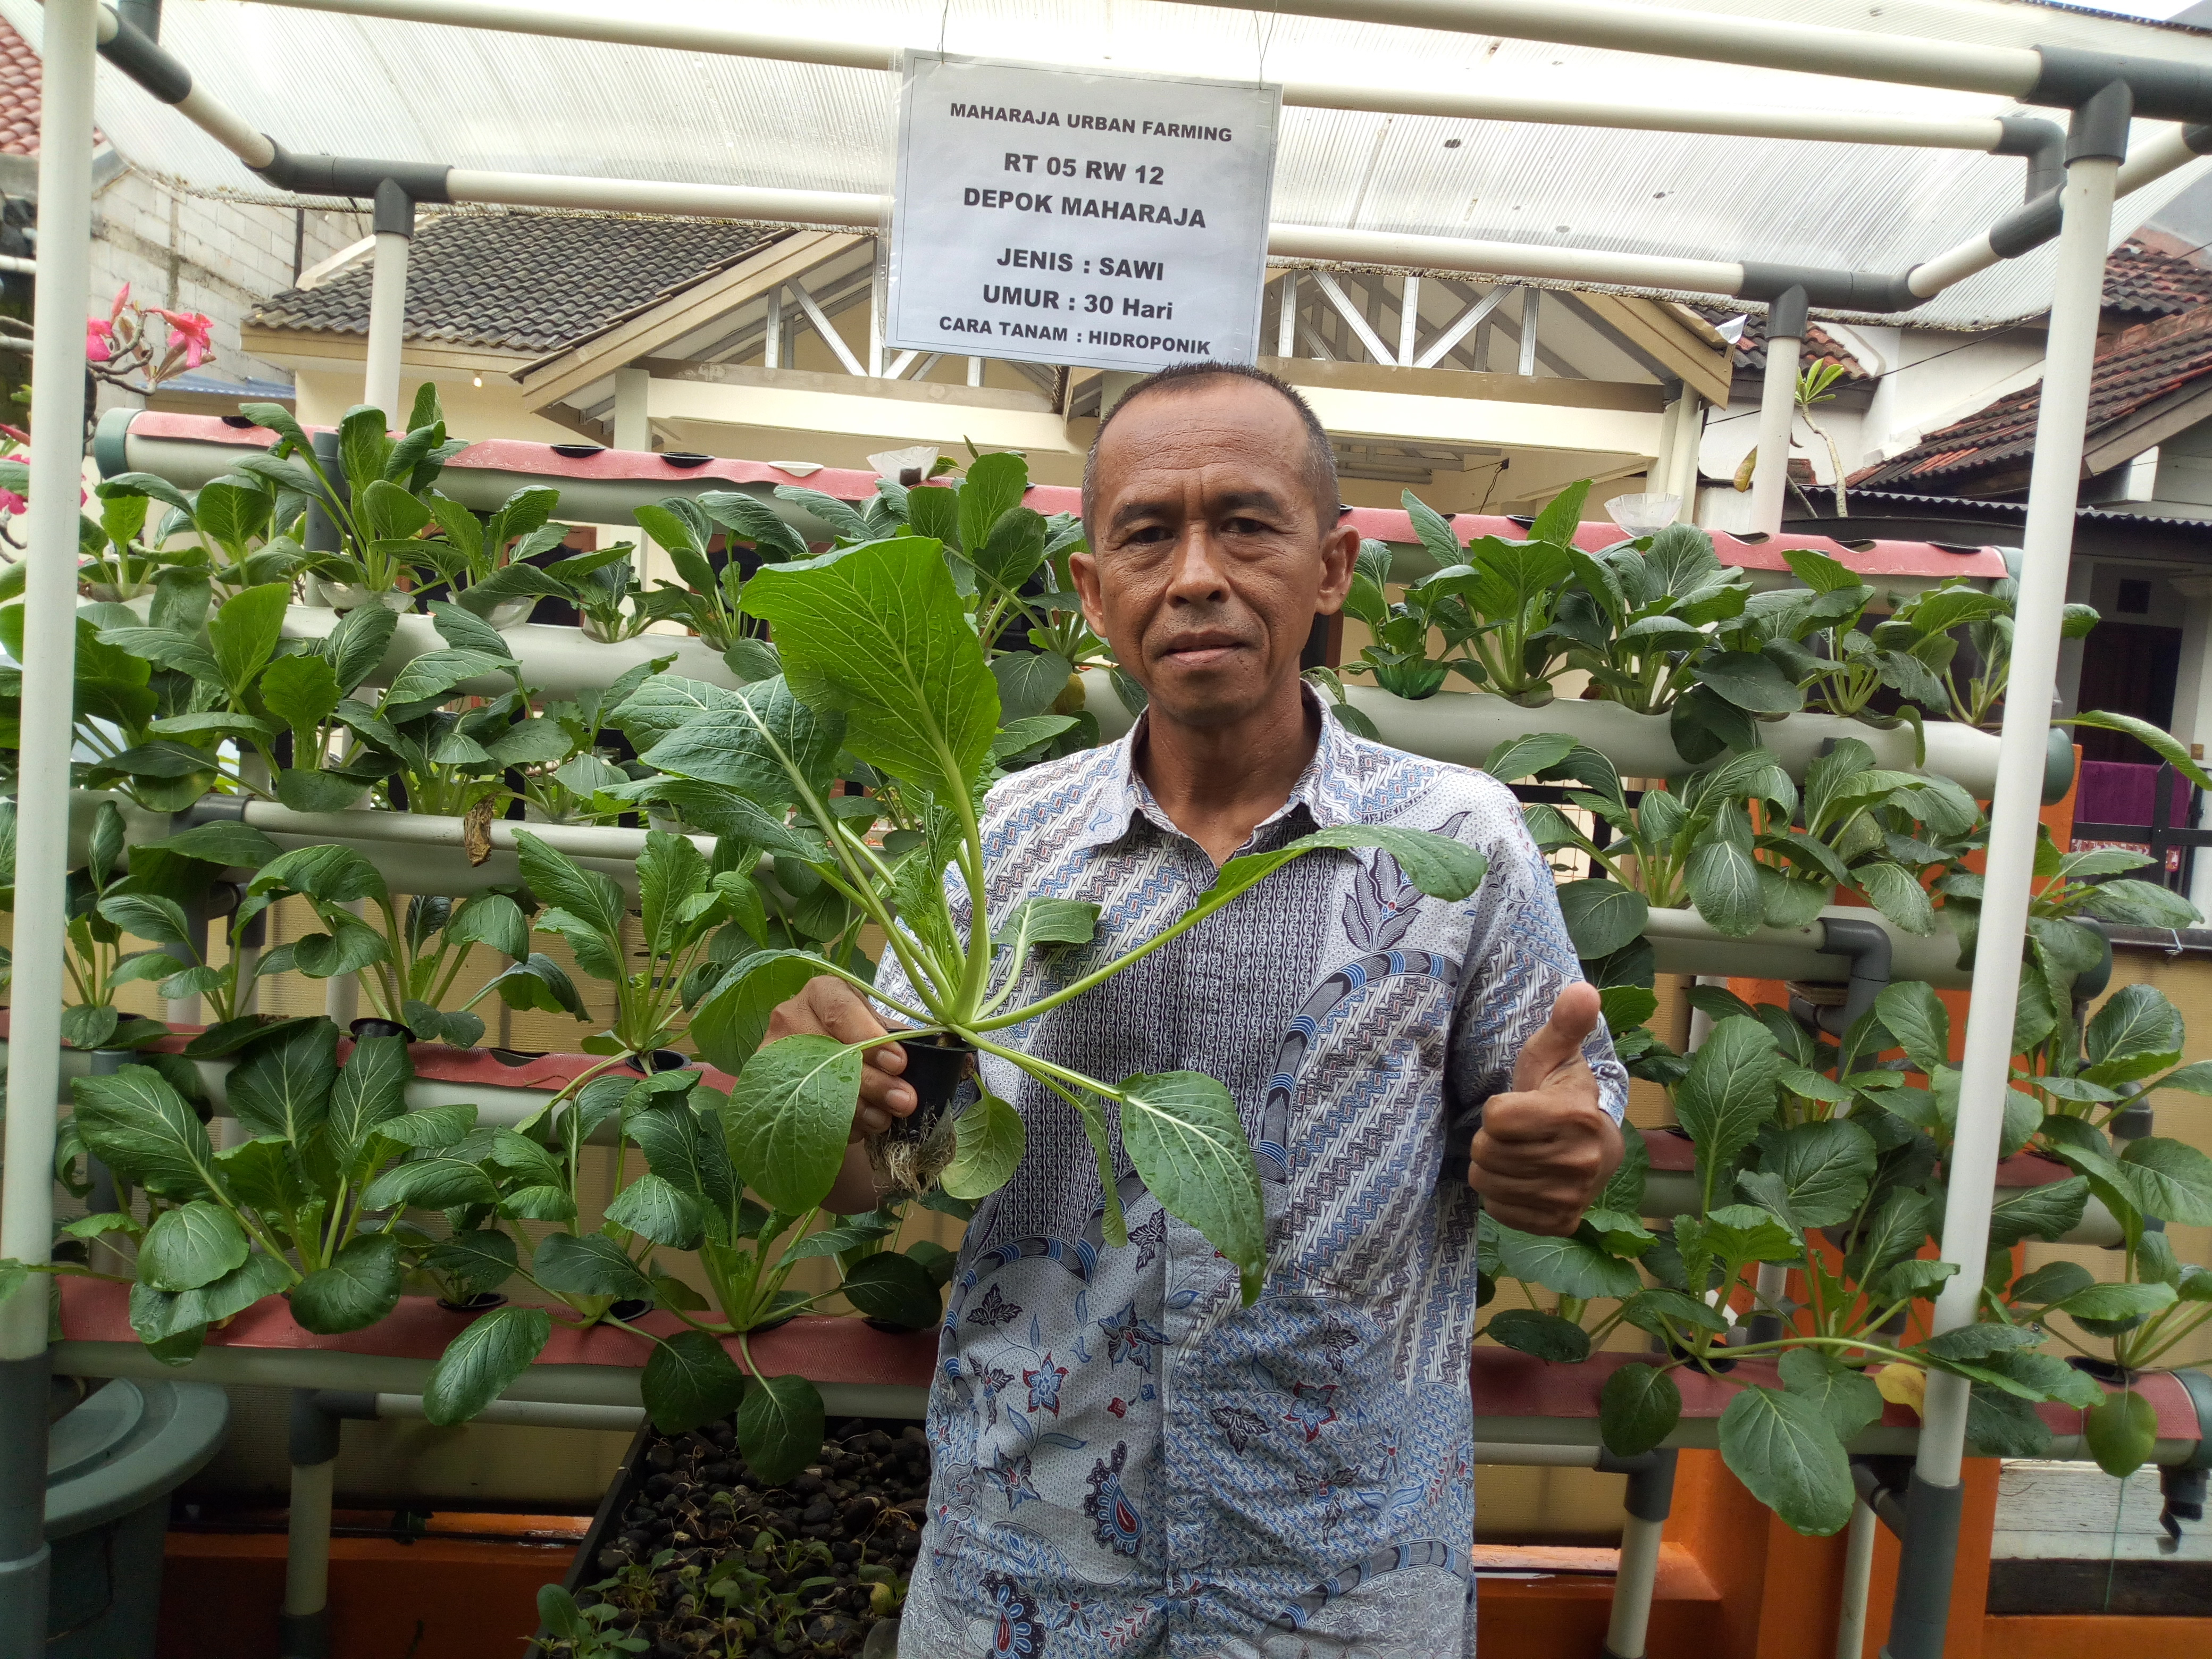 Slamet Riyanto sedang menunjukkan hasil menanam sawi hidroponik di depan instalasi hidroponiknya yang siap dipanen.